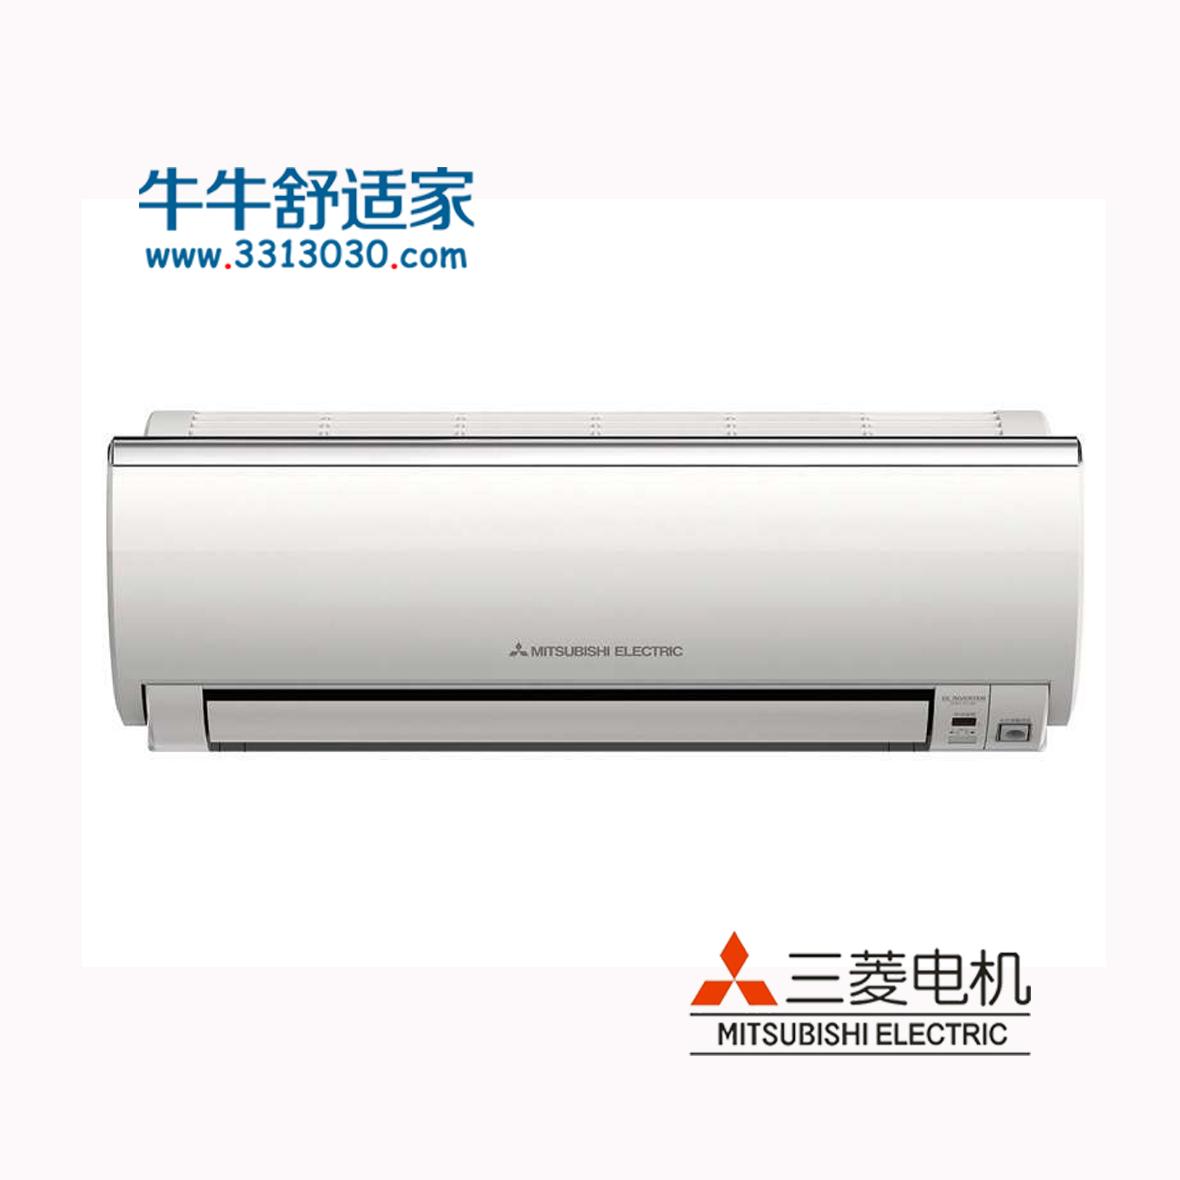 三菱电机 大1.5匹 1级能效 全直流变频 壁挂式冷暖空调(白)MSZ-ZFJ1...